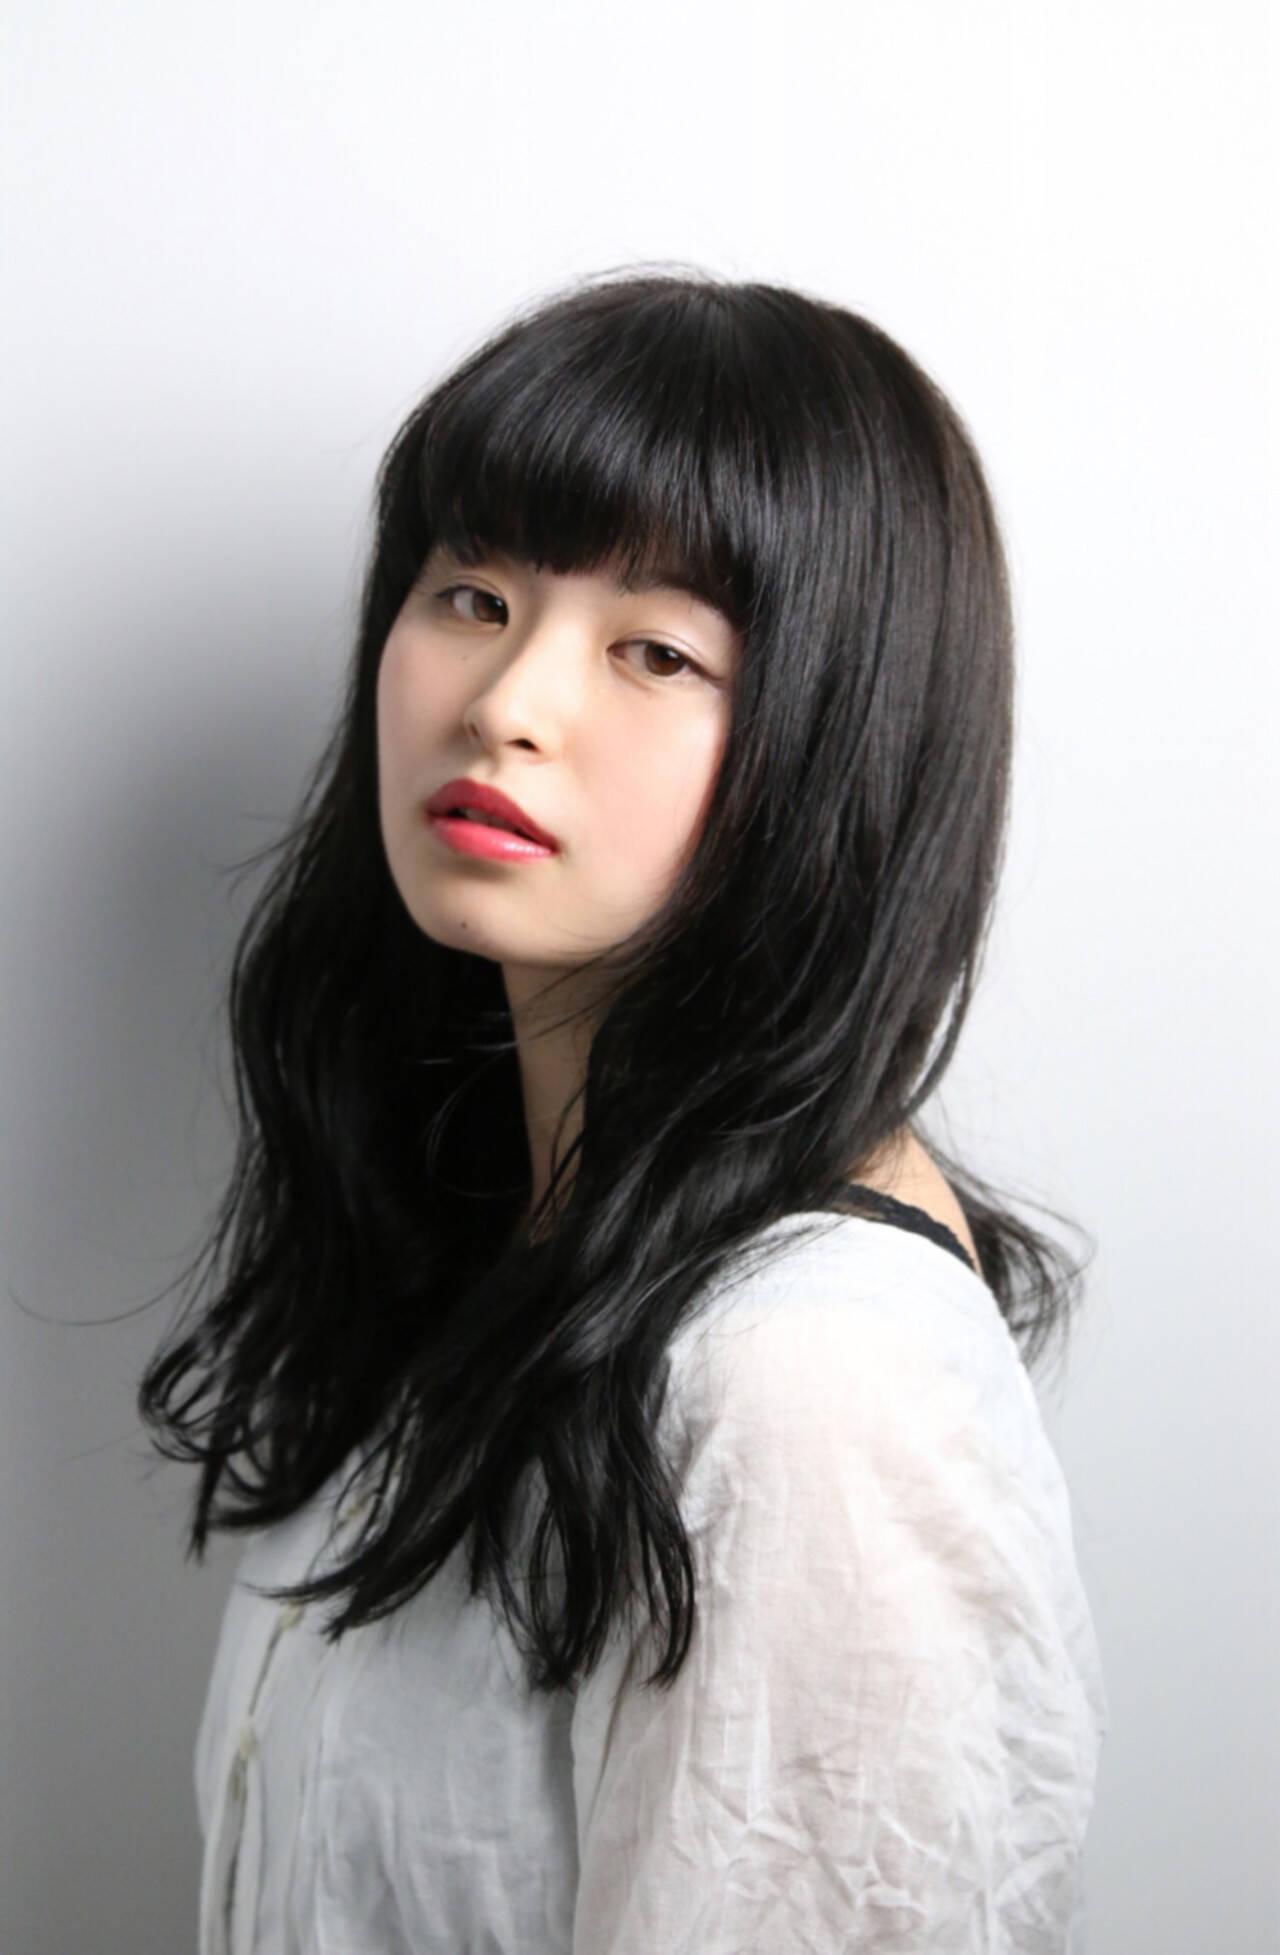 前髪あり 就活 暗髪 黒髪ヘアスタイルや髪型の写真・画像